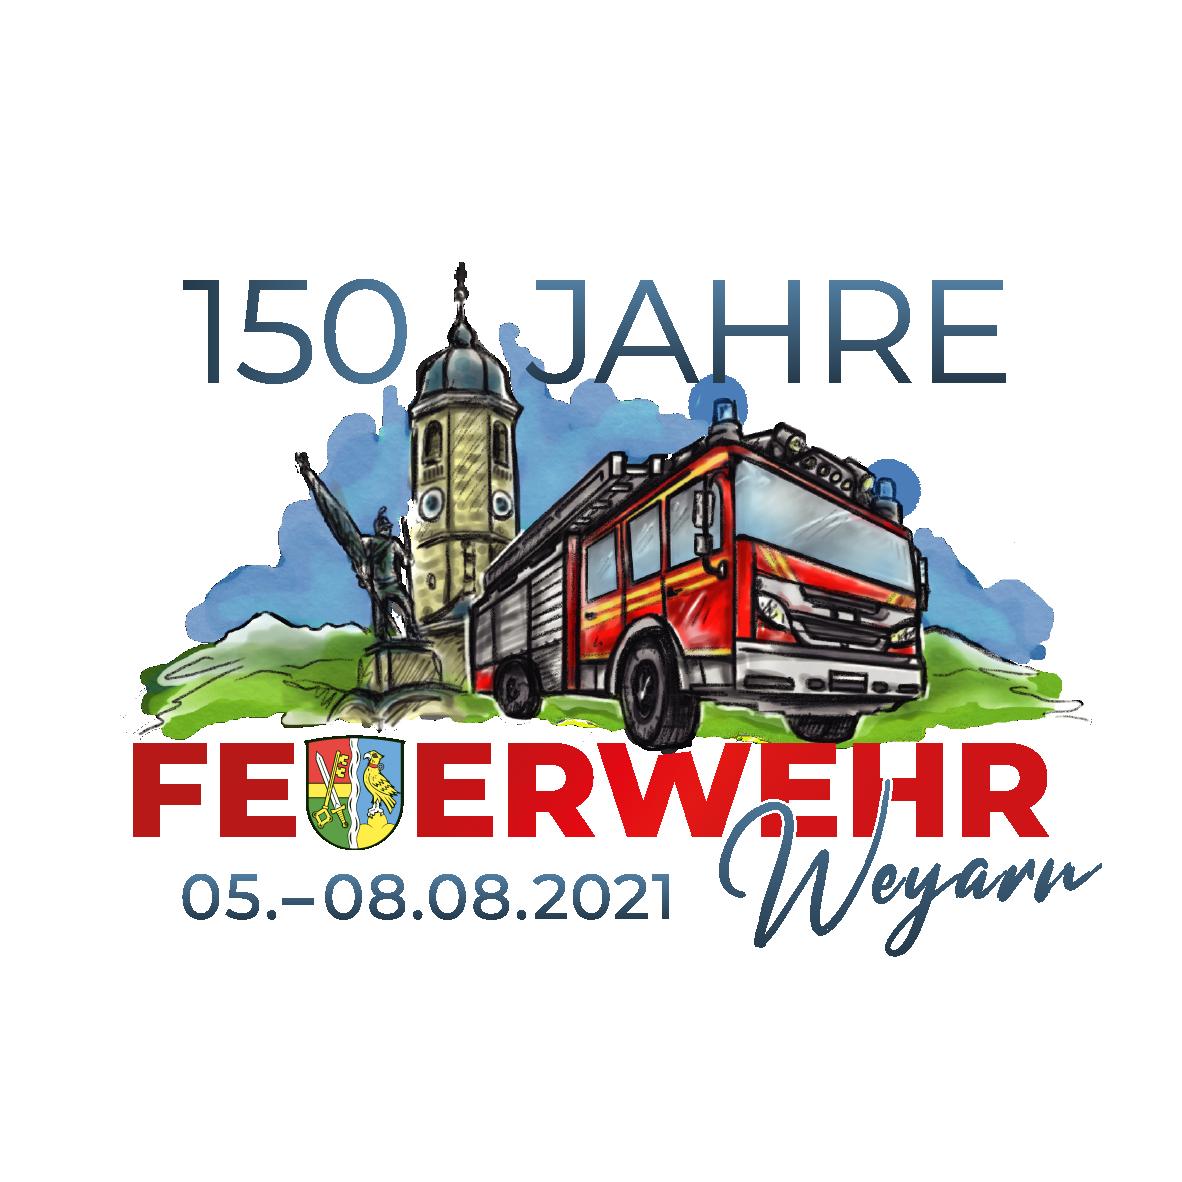 150 Jahre Feuerwehr Weyarn